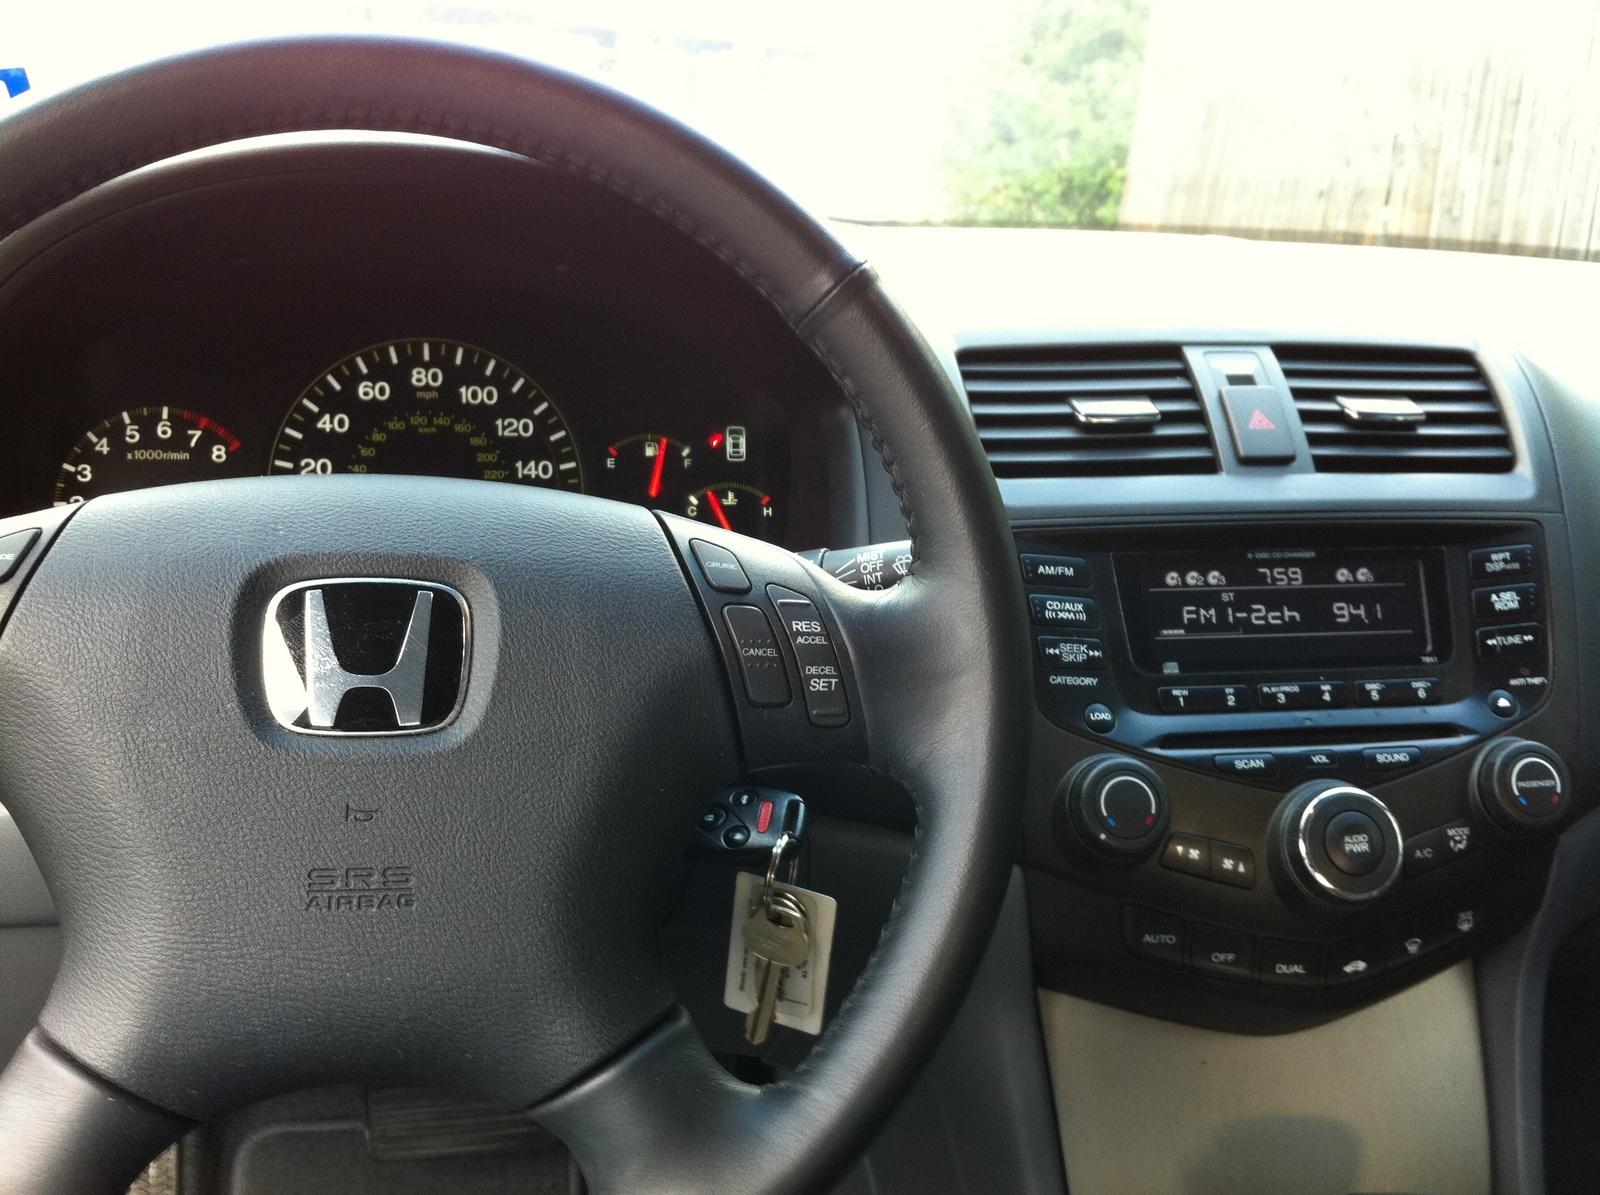 2006 Honda Accord Interior Pictures Cargurus